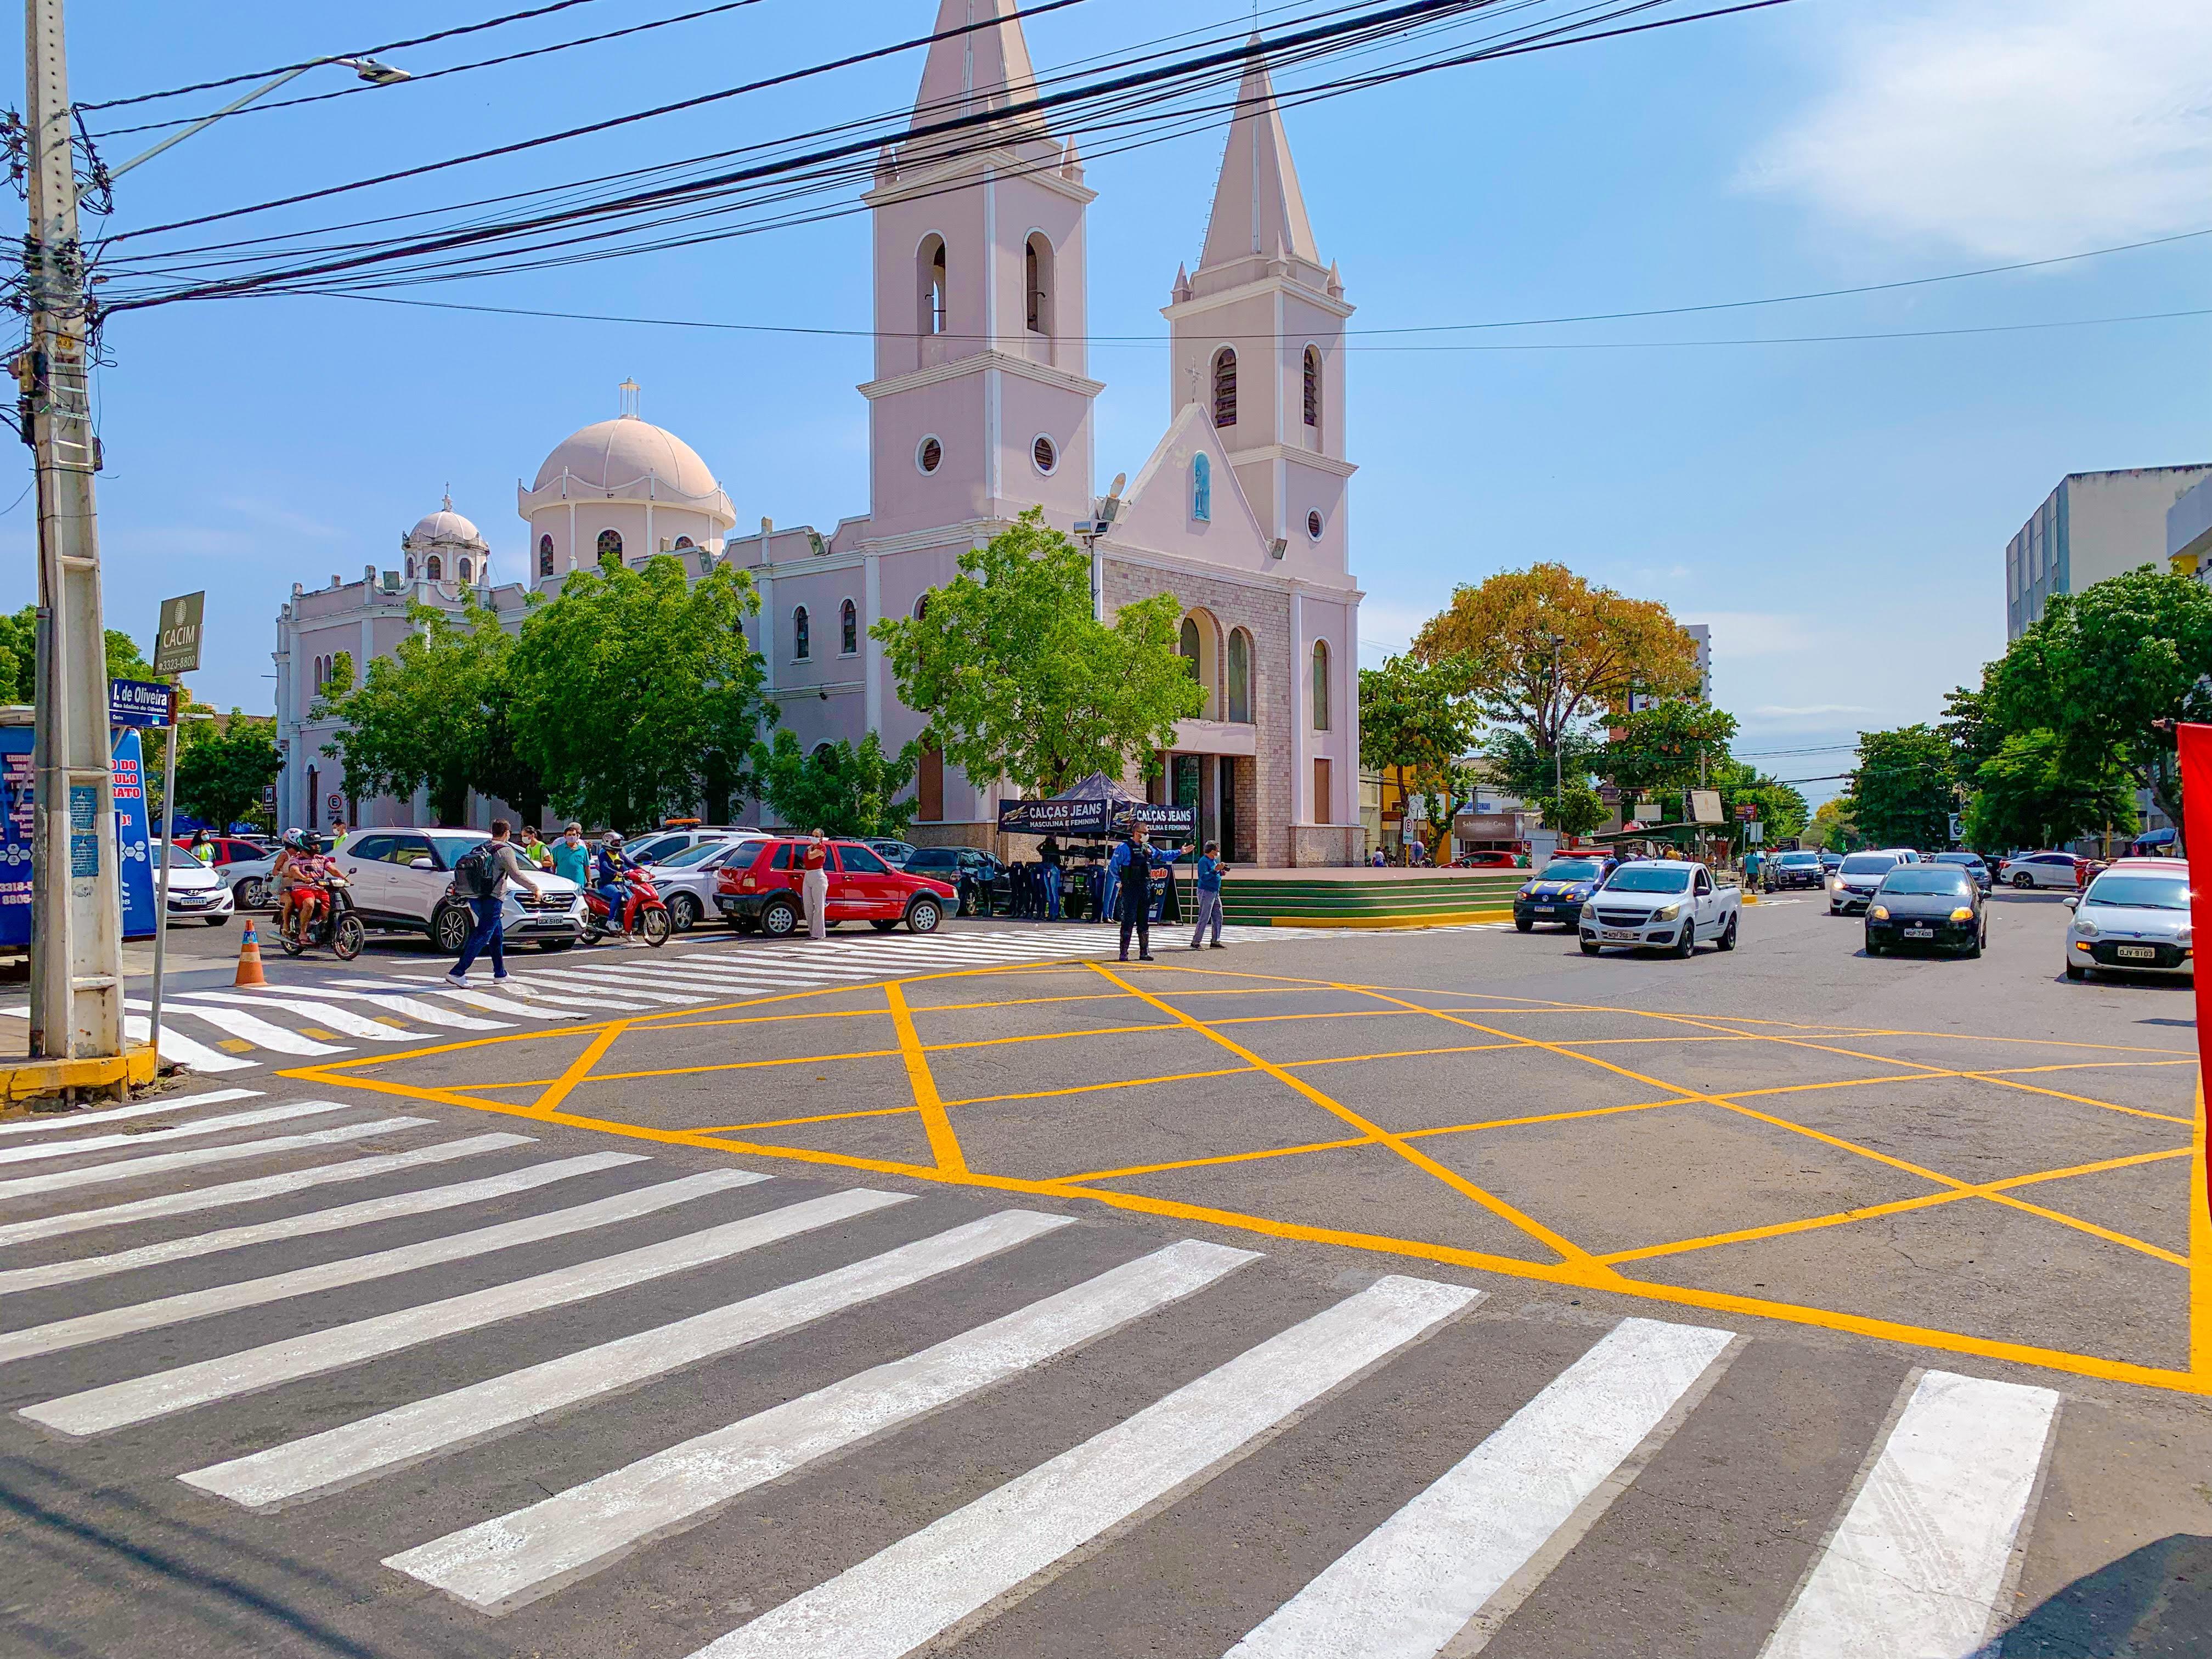 Prefeitura de Mossoró investe em sinalização e melhora o trânsito local